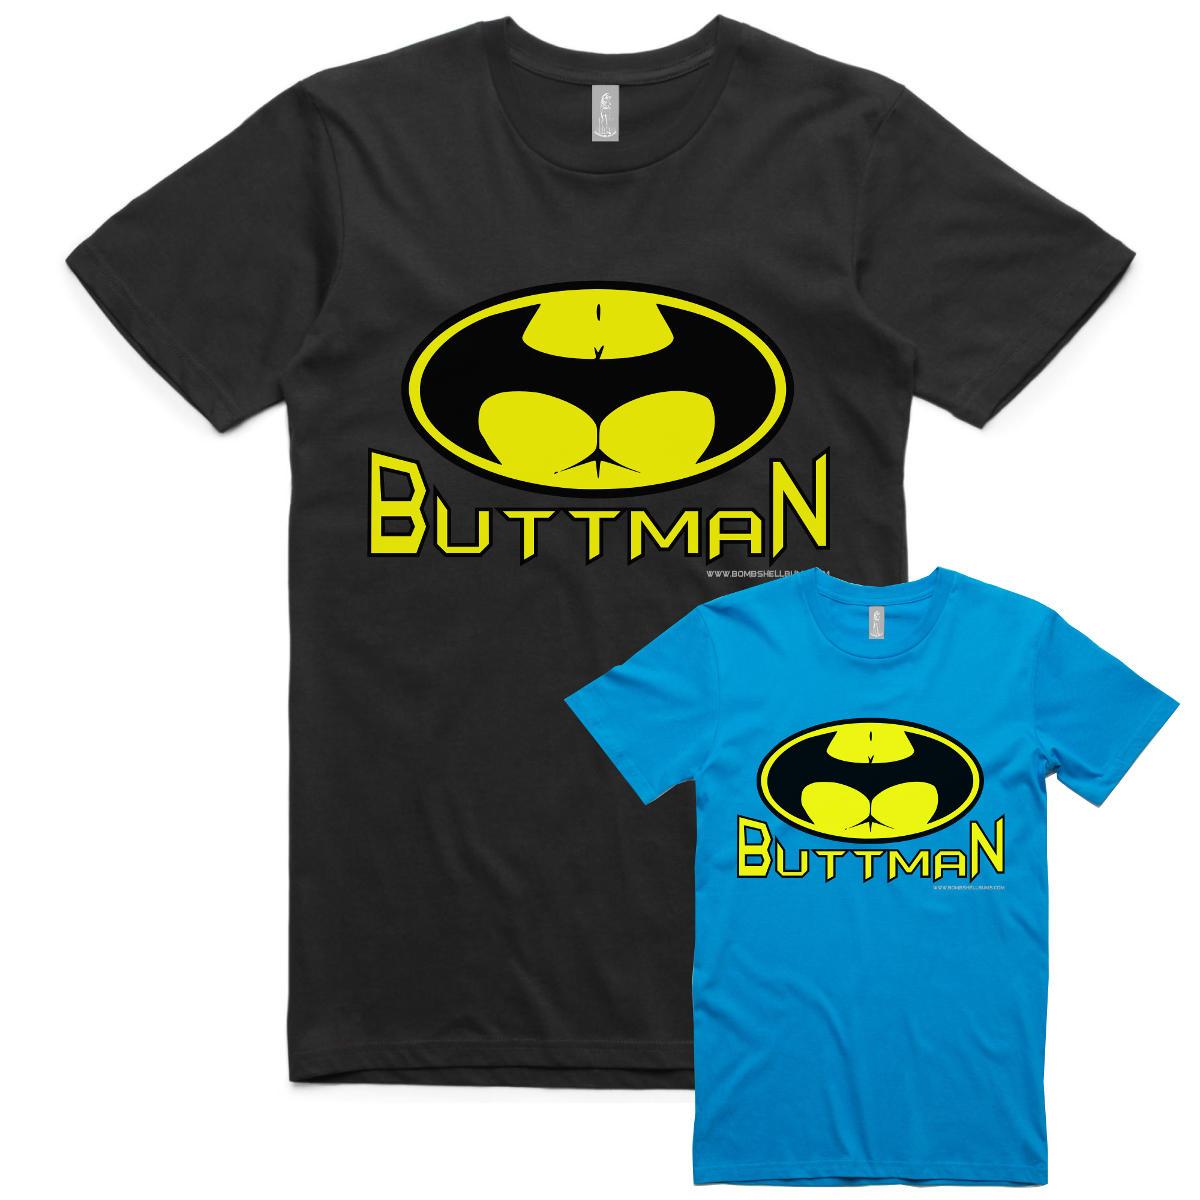 Buttman All Shirts Original